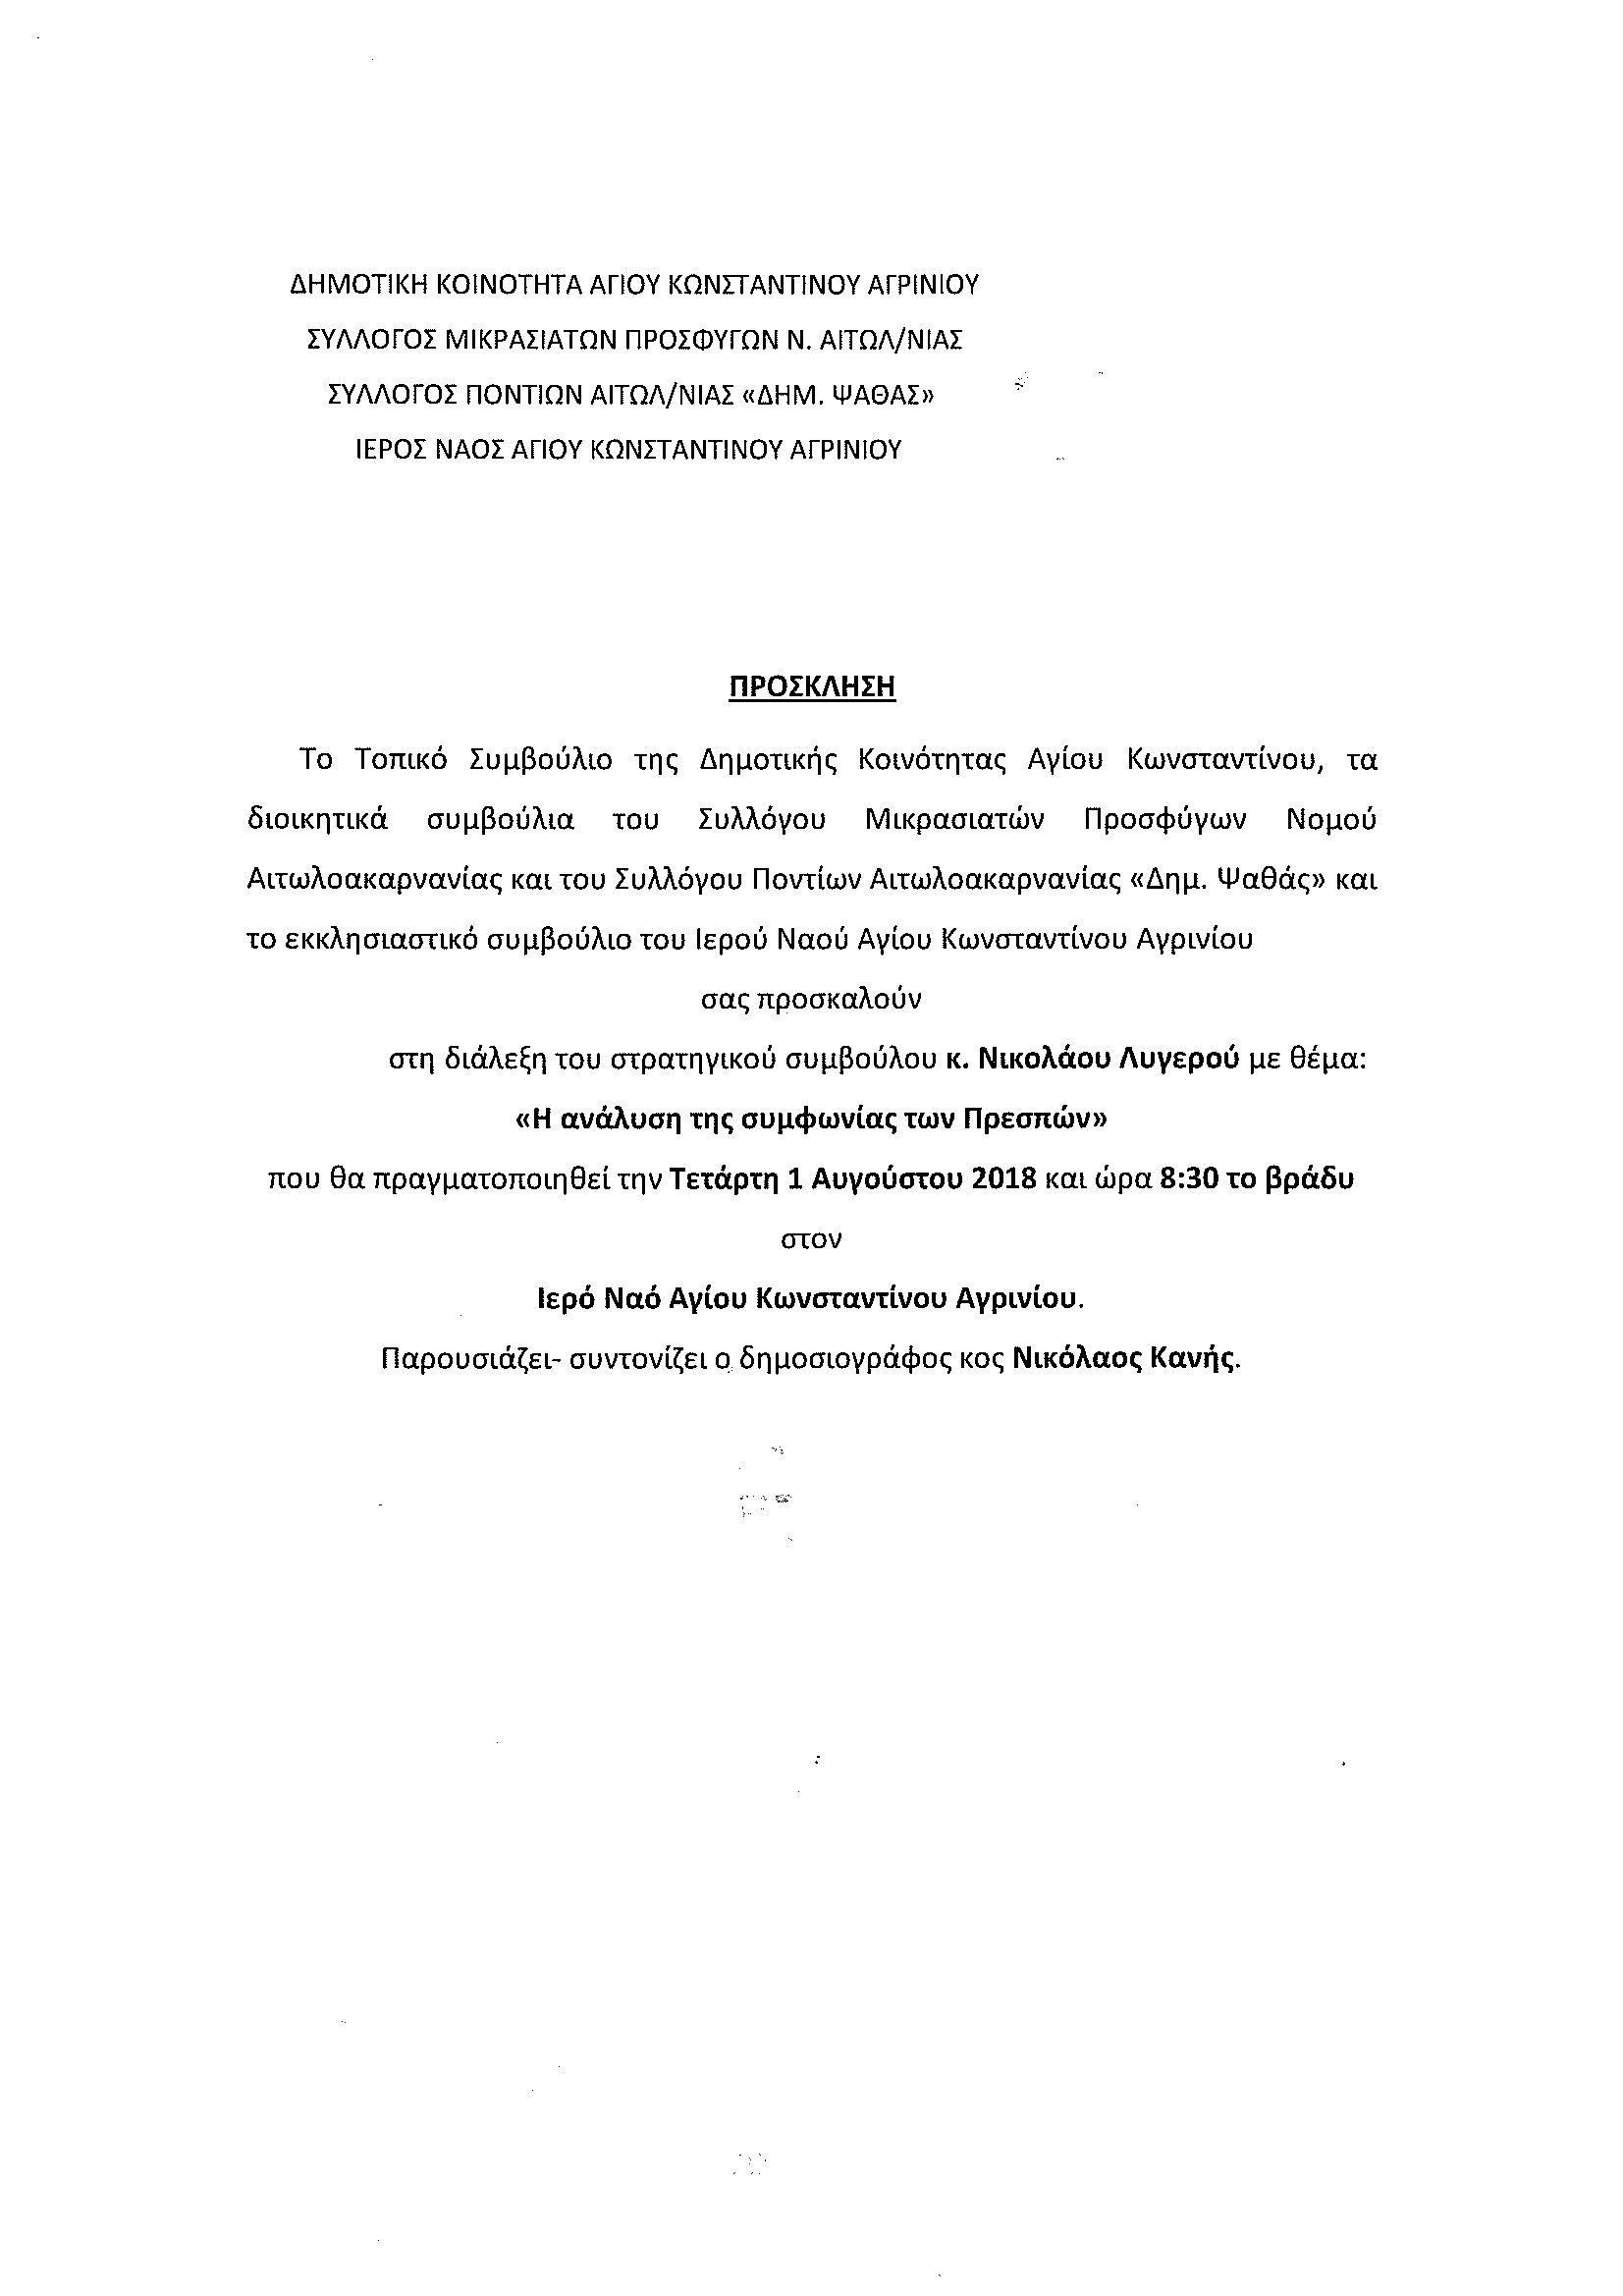 Διάλεξη: Η ανάλυση της συμφωνίας των Πρεσπών